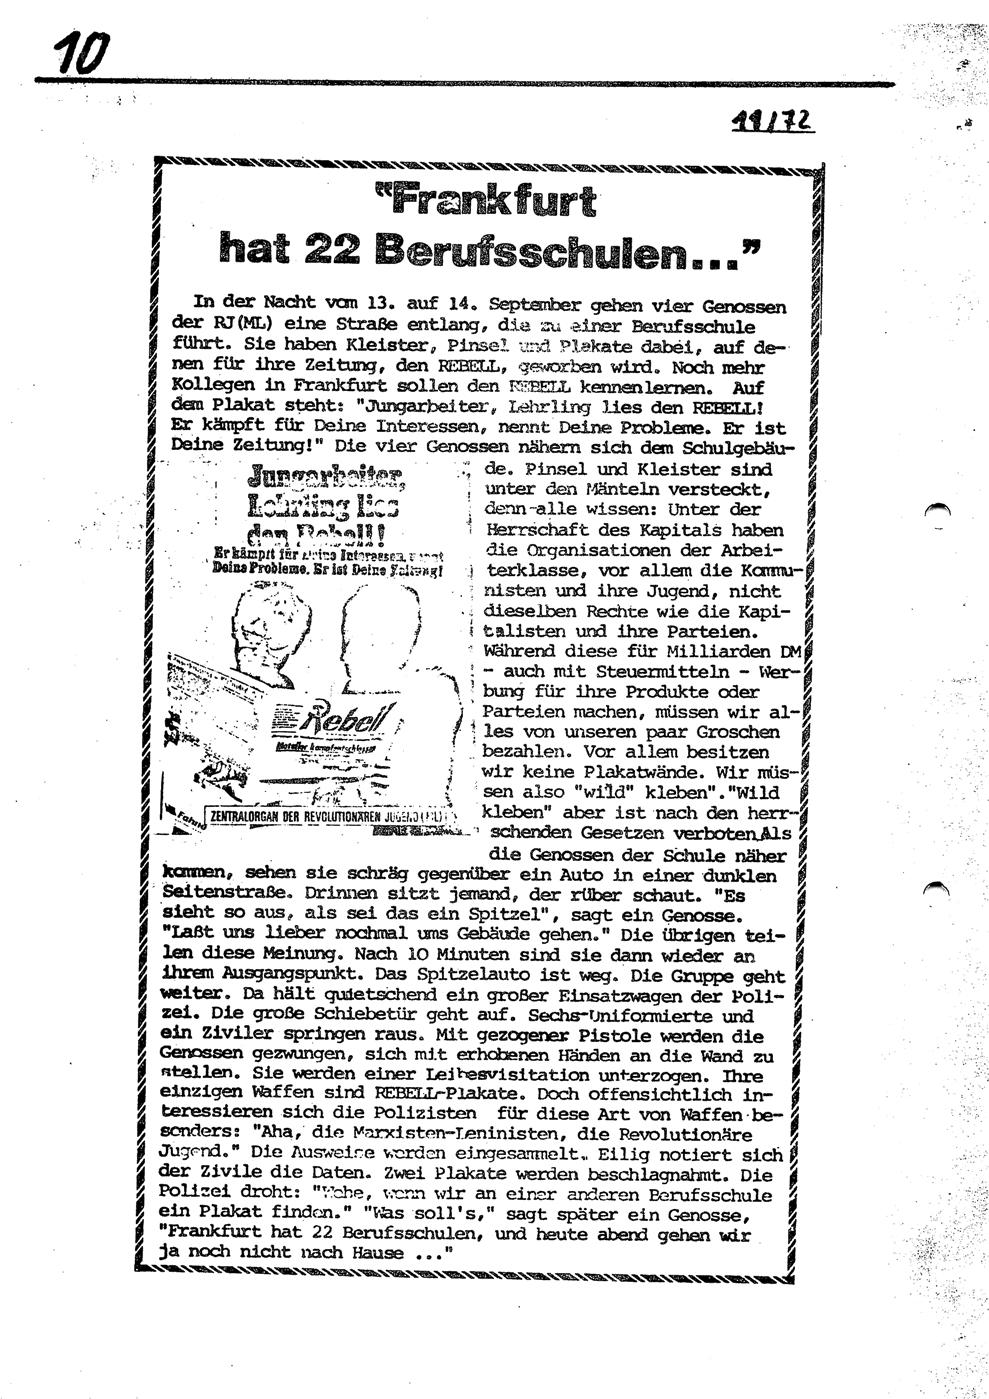 KABRW_Arbeitshefte_1977_25_009